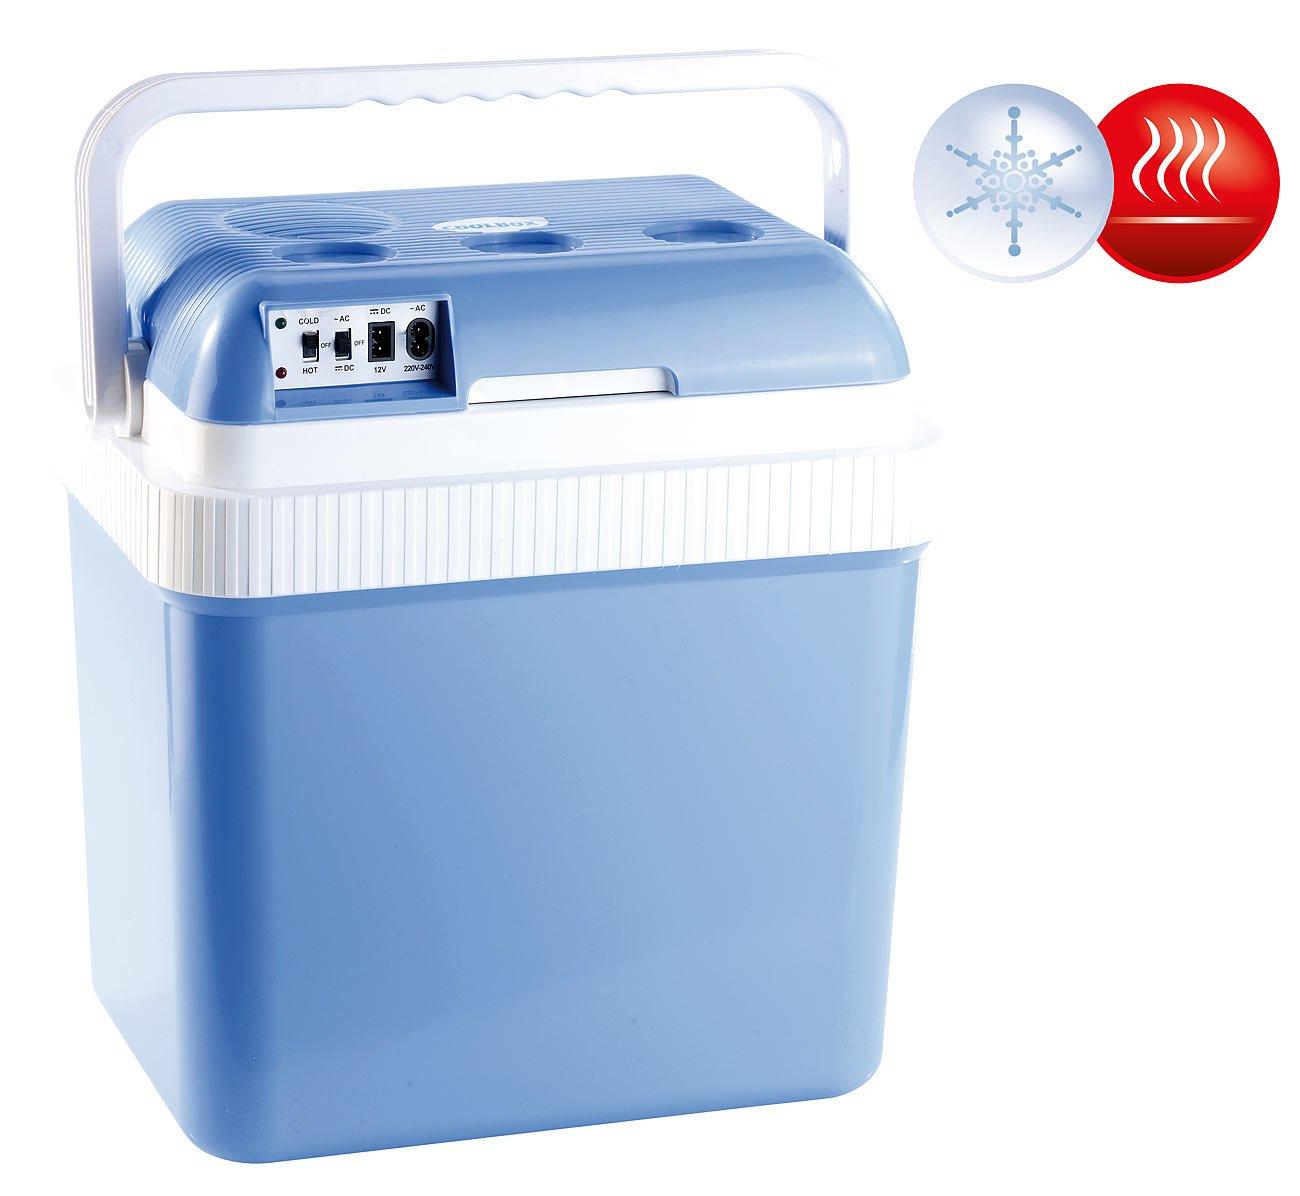 Xcase Mini Kühlschrank: Thermoelektrische Kühl- und Wärmebox, 24 l, 12 & 230 V Anschluss (Kühlbox Auto)